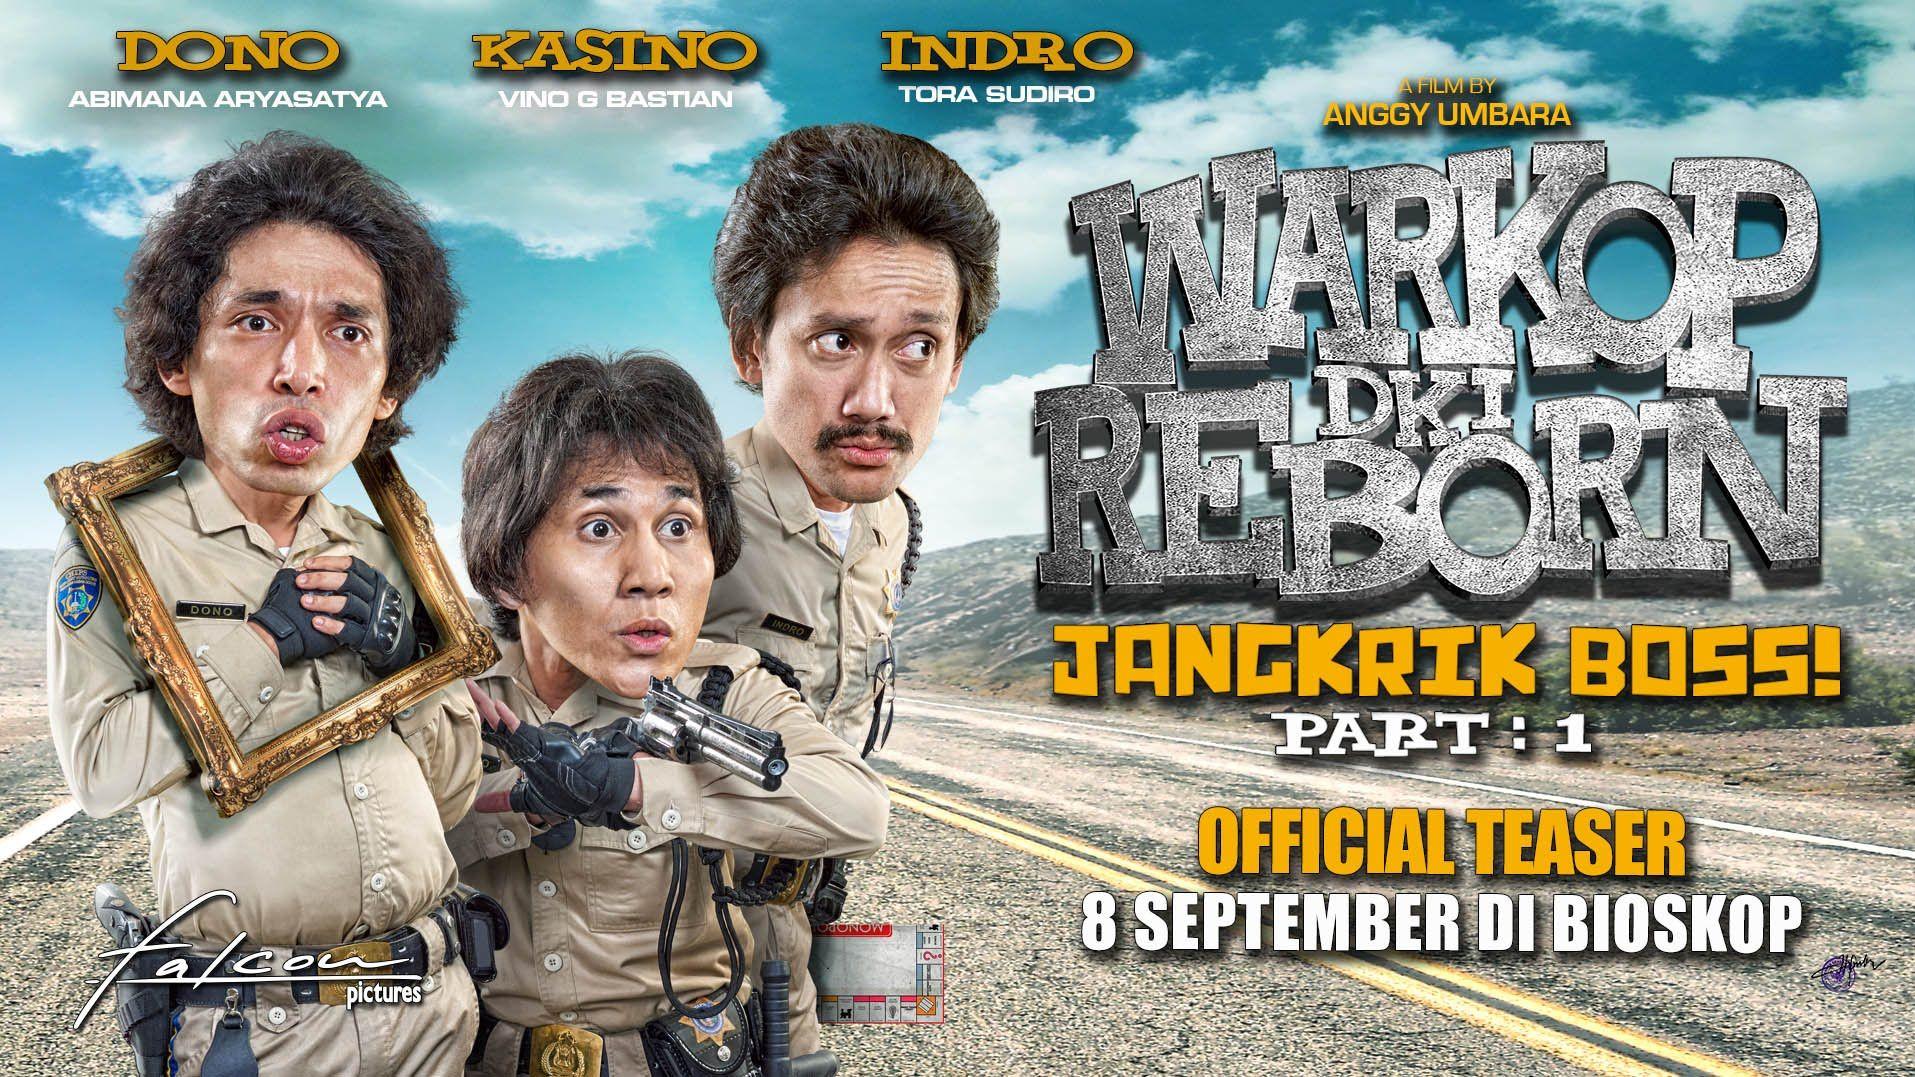 Warkop Dki Reborn Jangkrik Boss Part 1 Official Teaser 8 September On Cinemas In 2020 Film Films 2016 Teaser